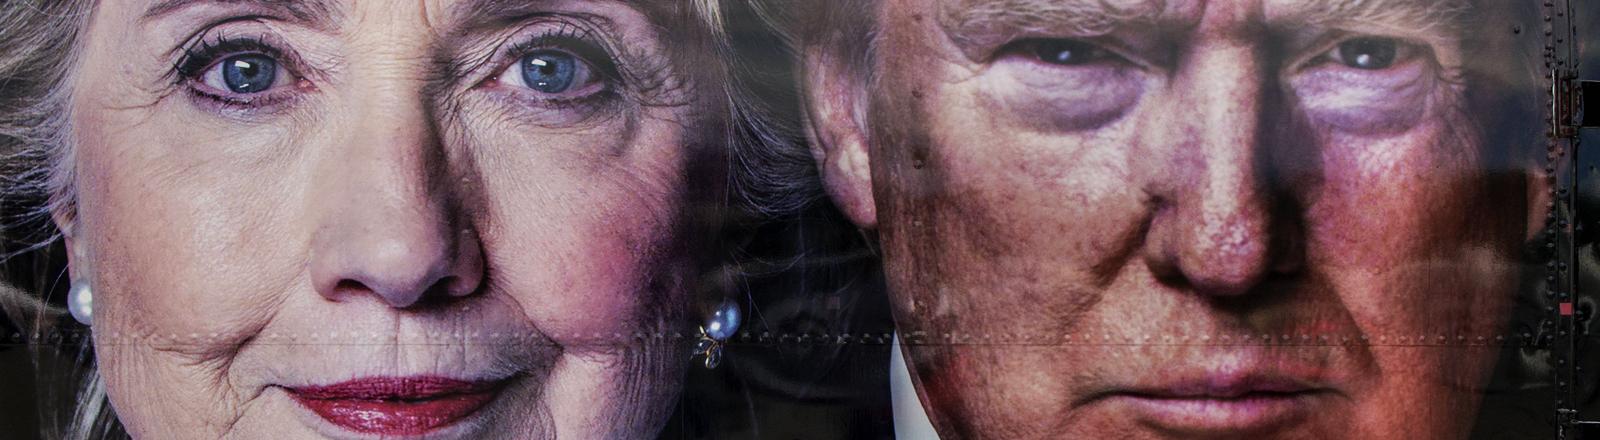 Hillary Clinton und Donald Trump auf einem Plakat.